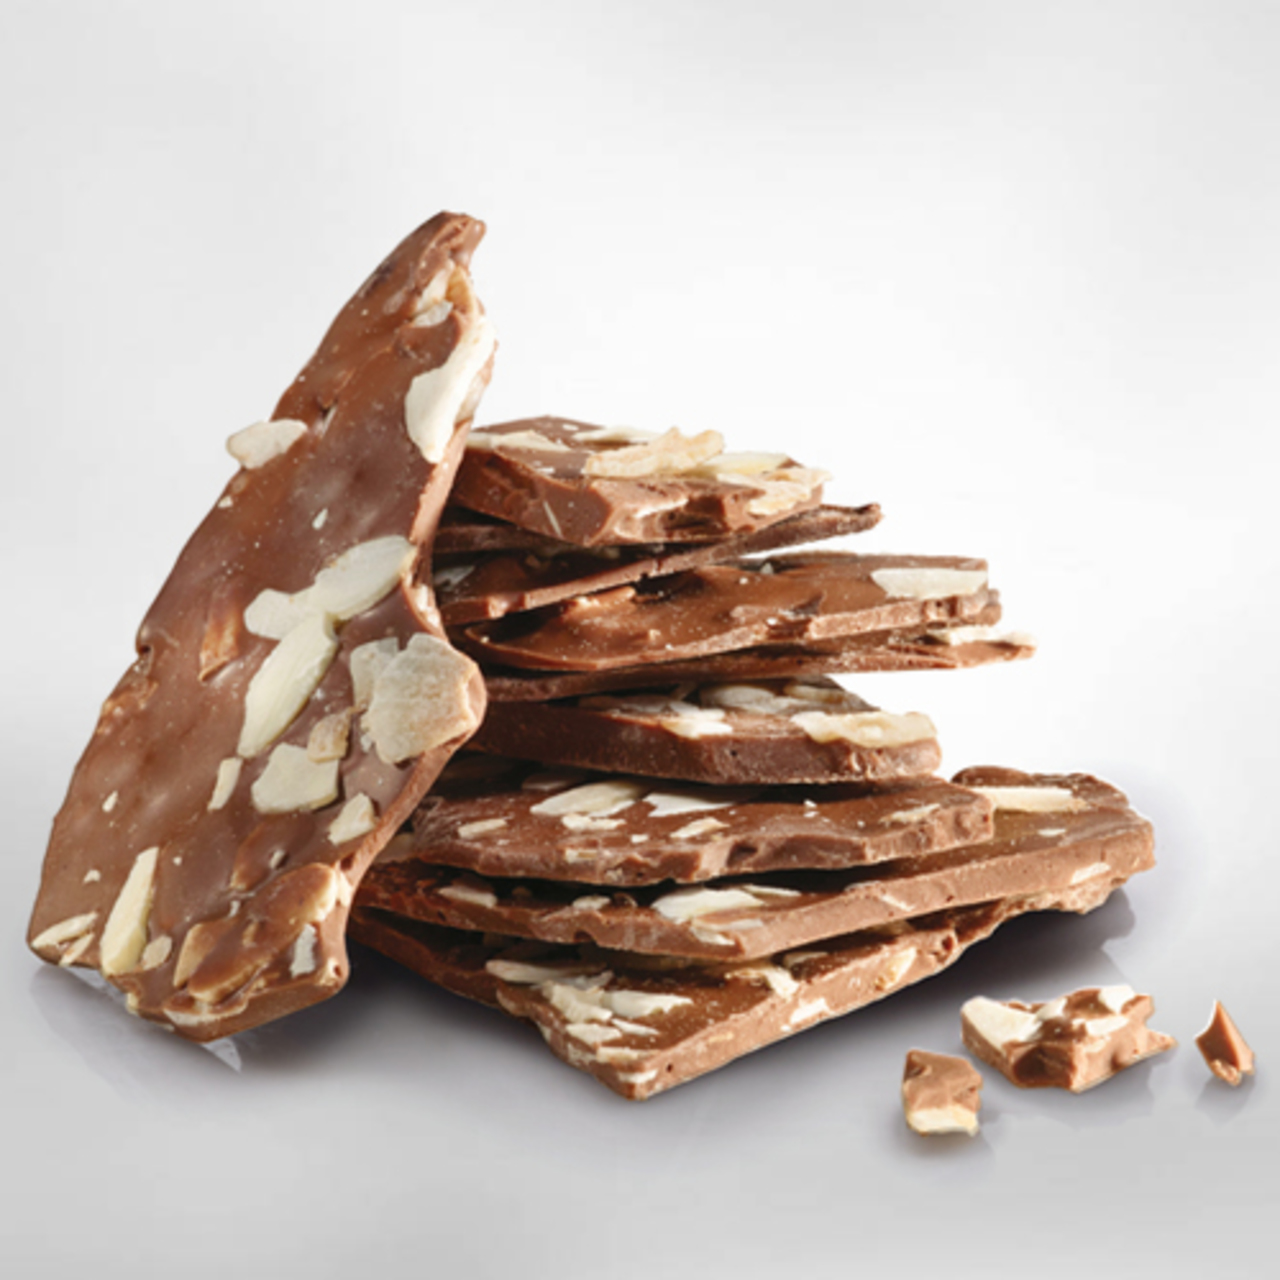 BIO - Fines brisures de chocolat au lait - 36% (120g)